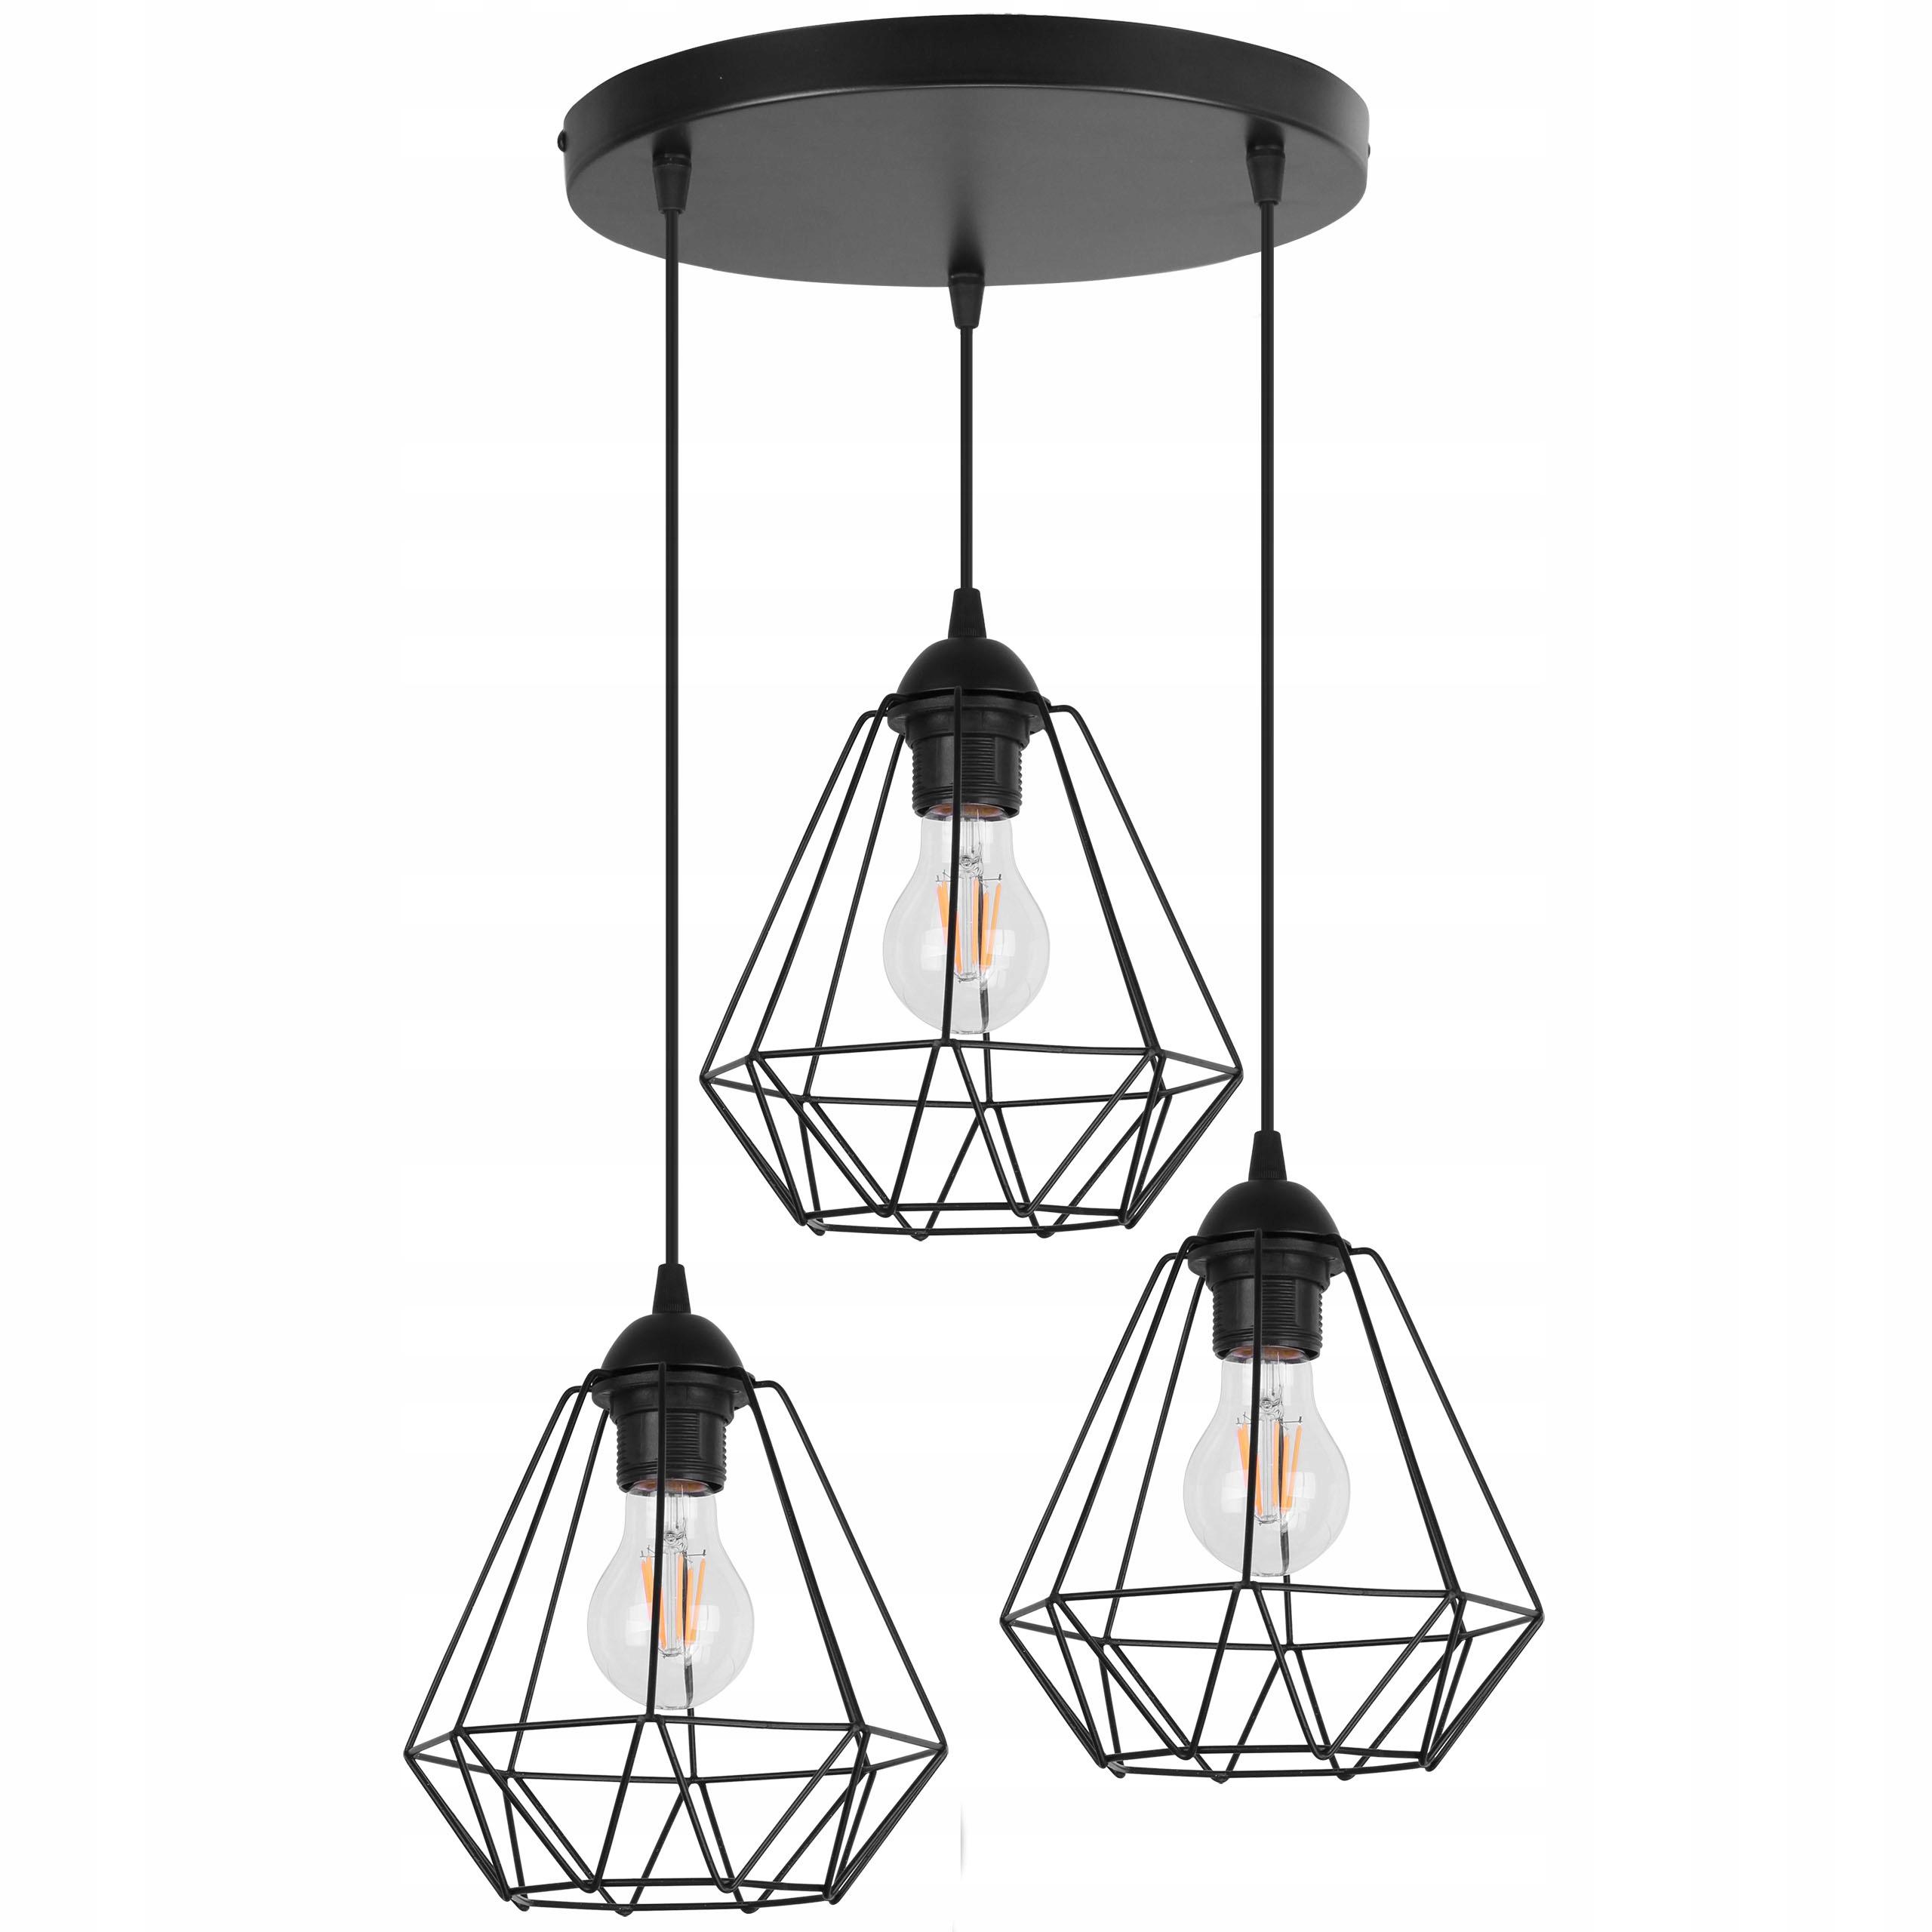 STROPNÉ SVIETIDLÁ PRÍVESOK DIAMOND LAMPA LOFT EDISON RETRO